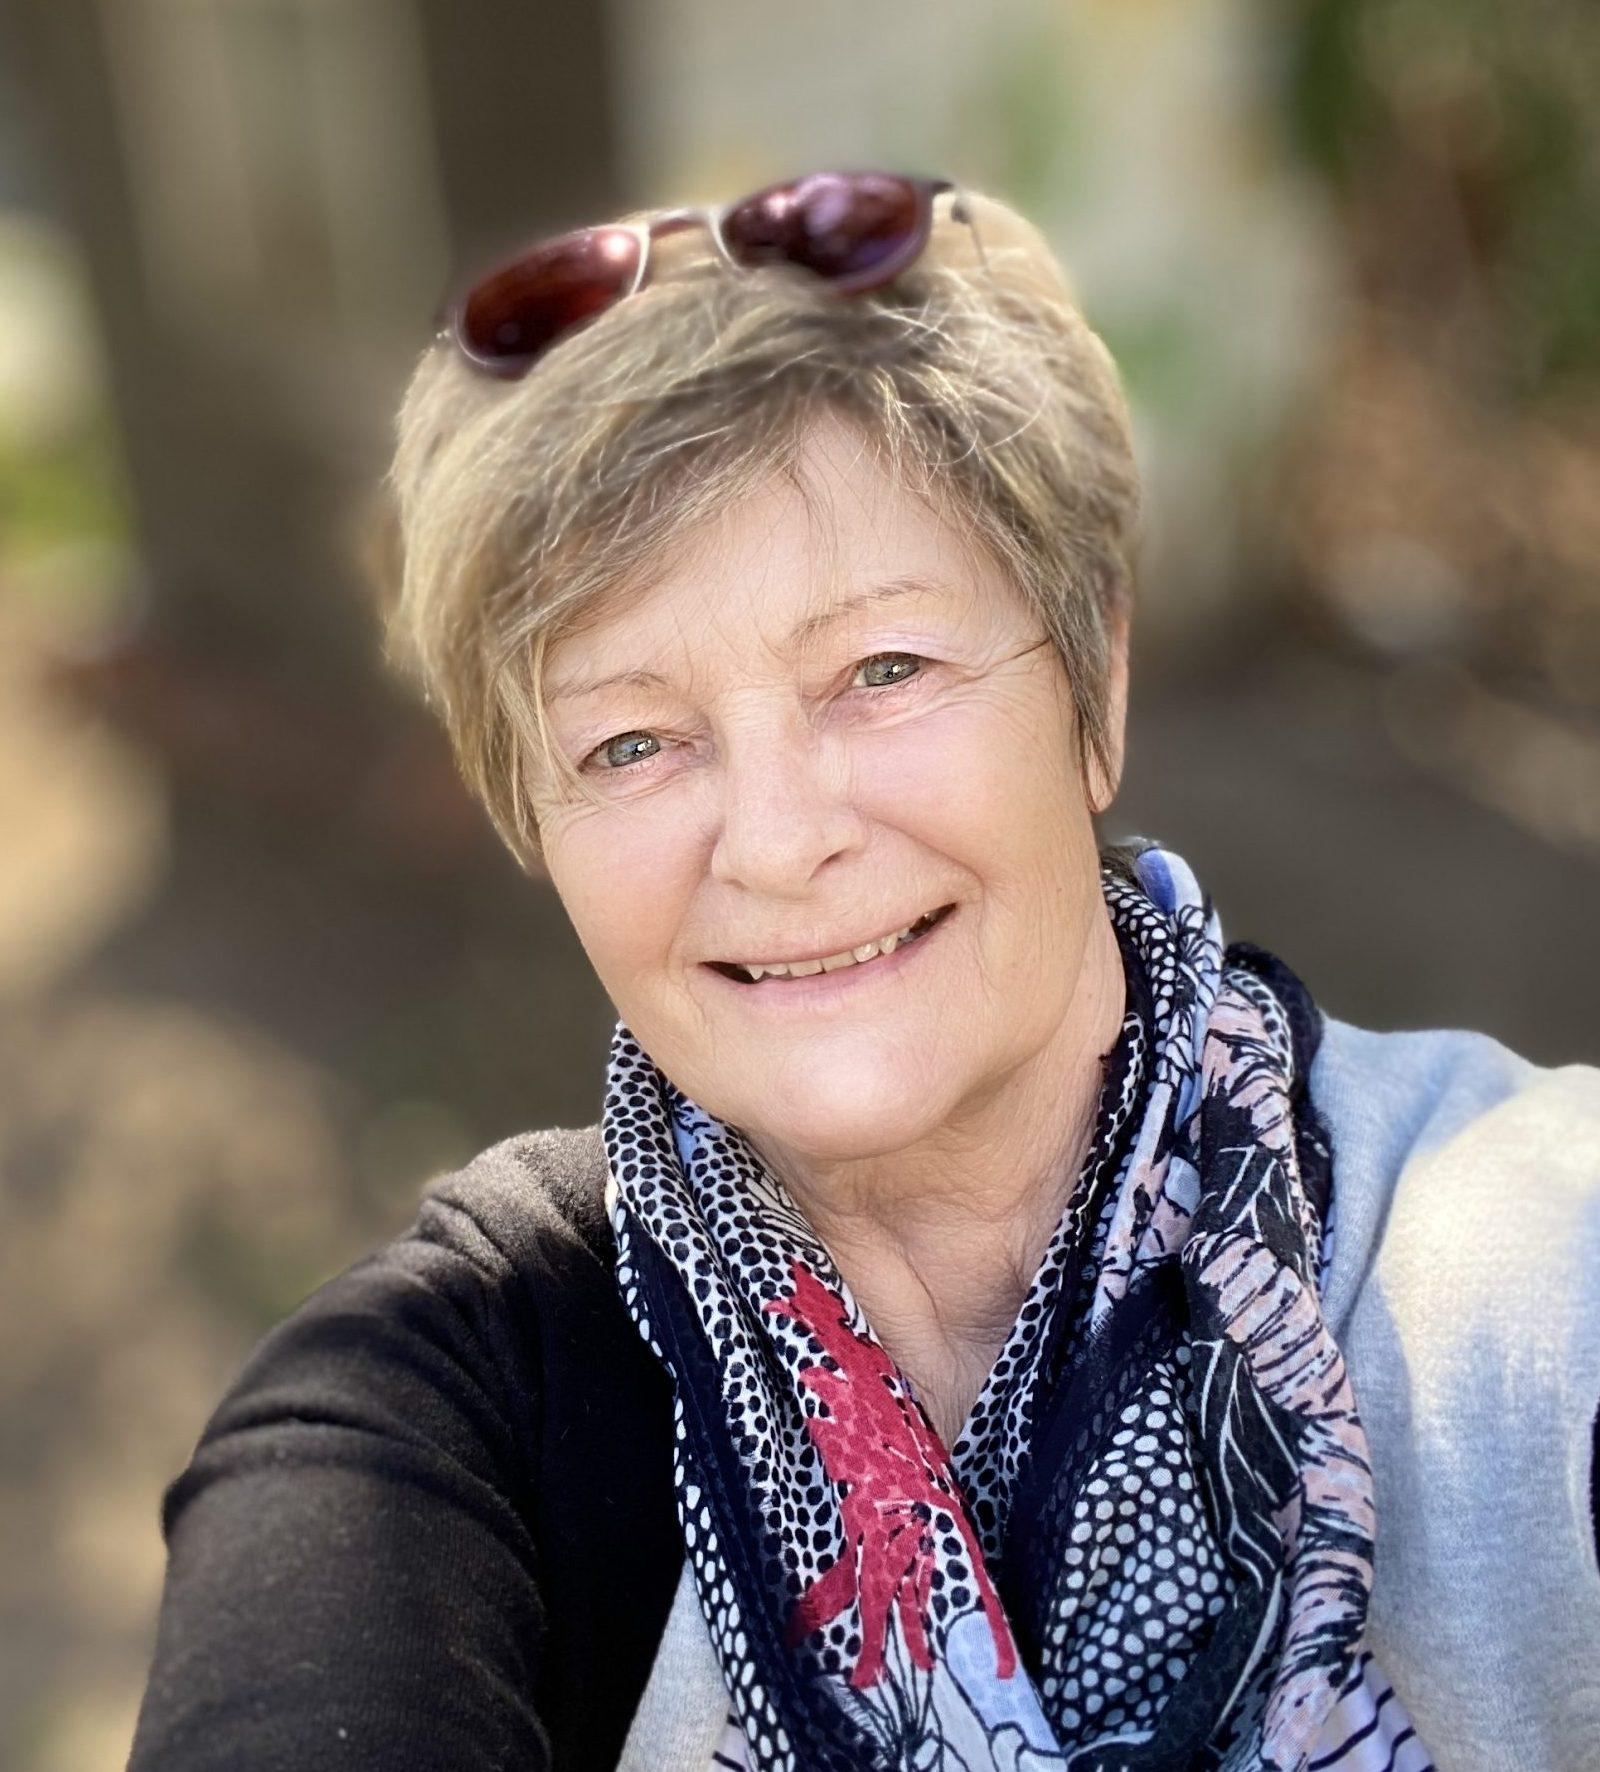 Gisela Martin